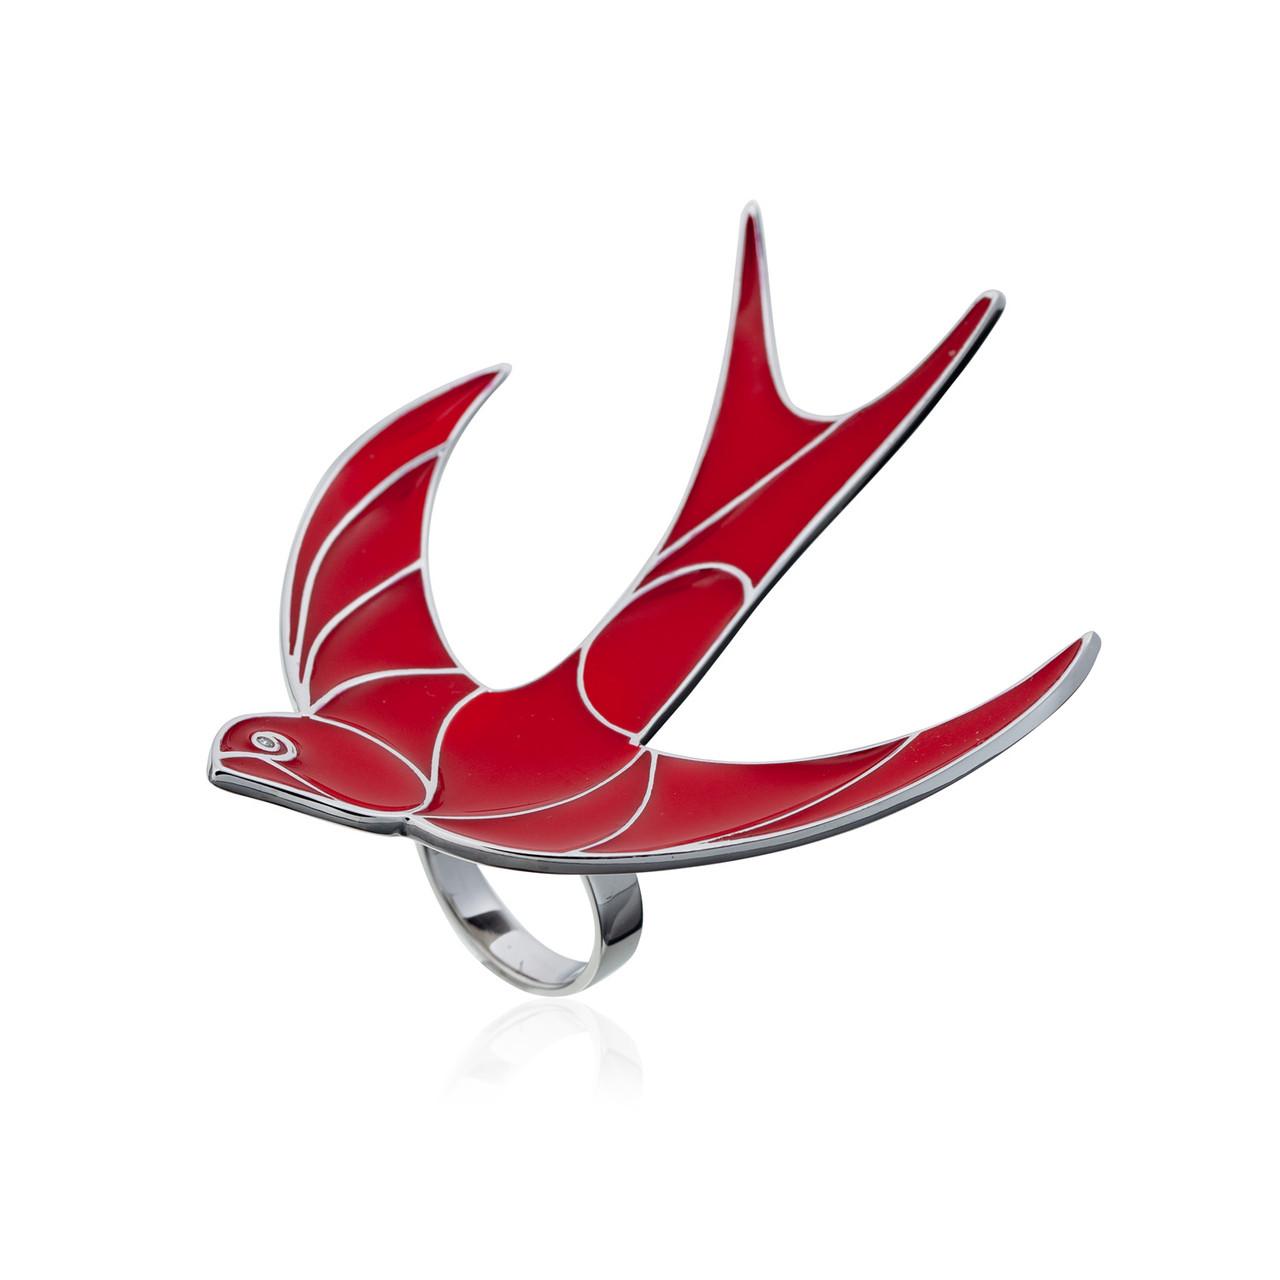 Серебряное кольцо Ласточка. Вставка: красная эмаль, фианит, размер: 17, вес: 26 гр, покрытие родий